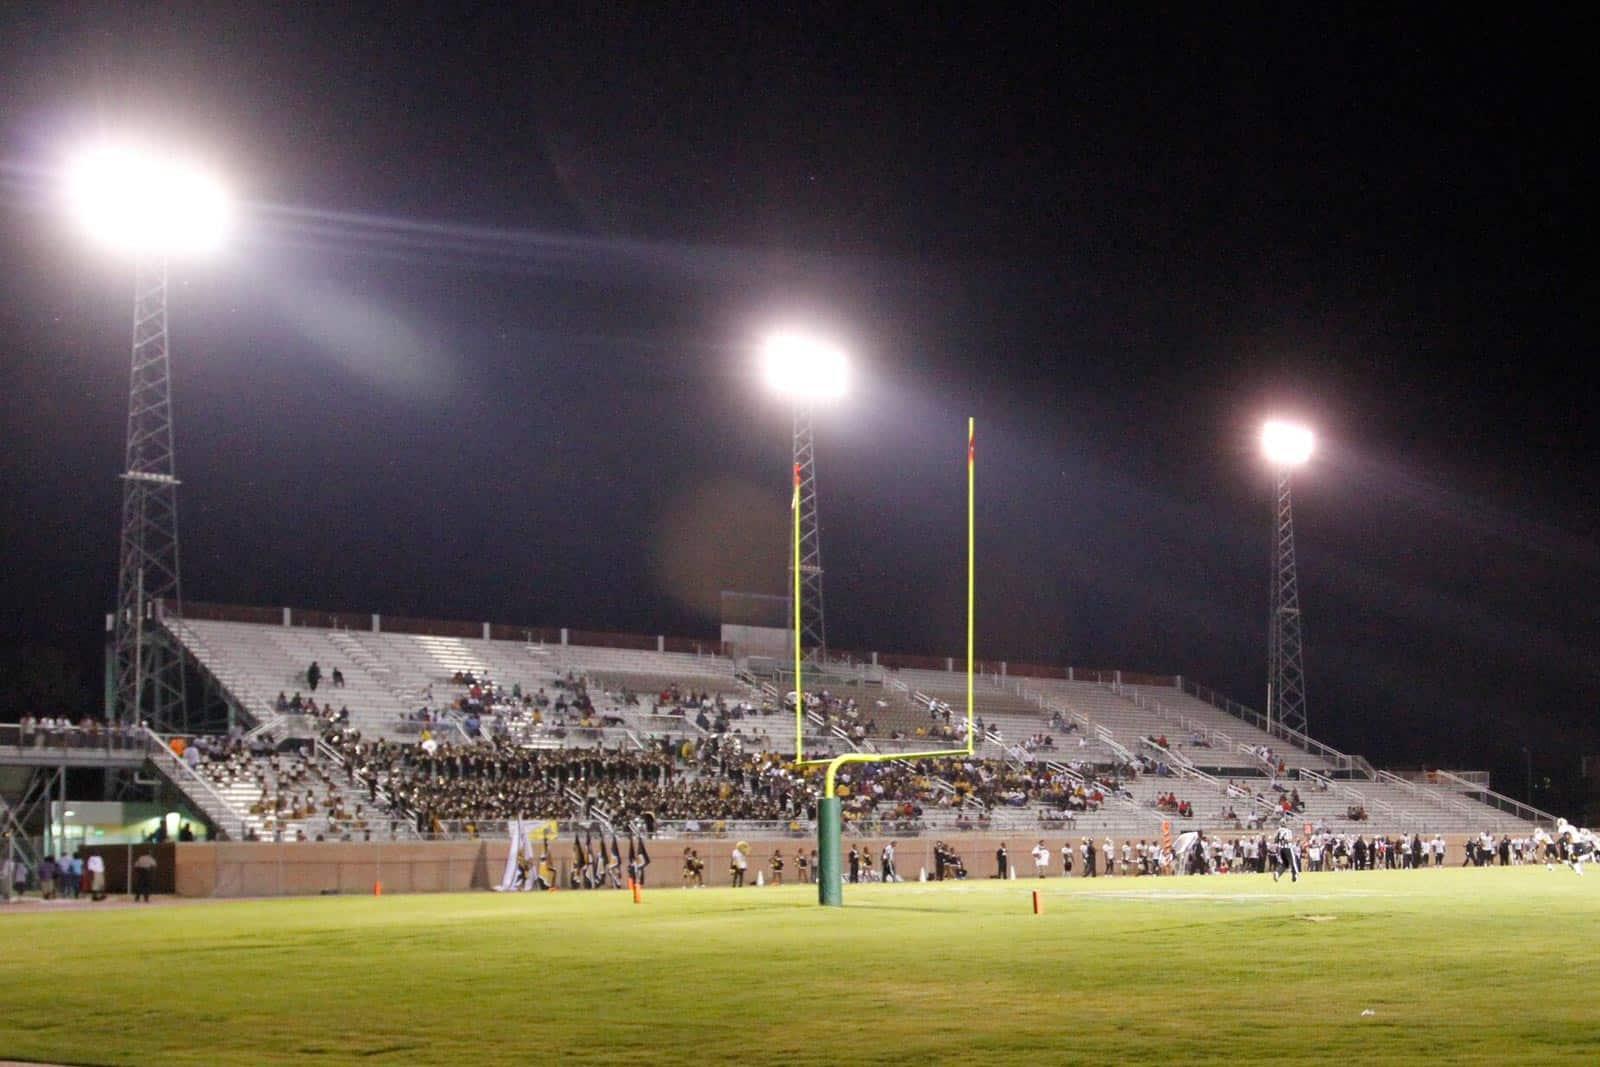 Rice-Totten Stadium